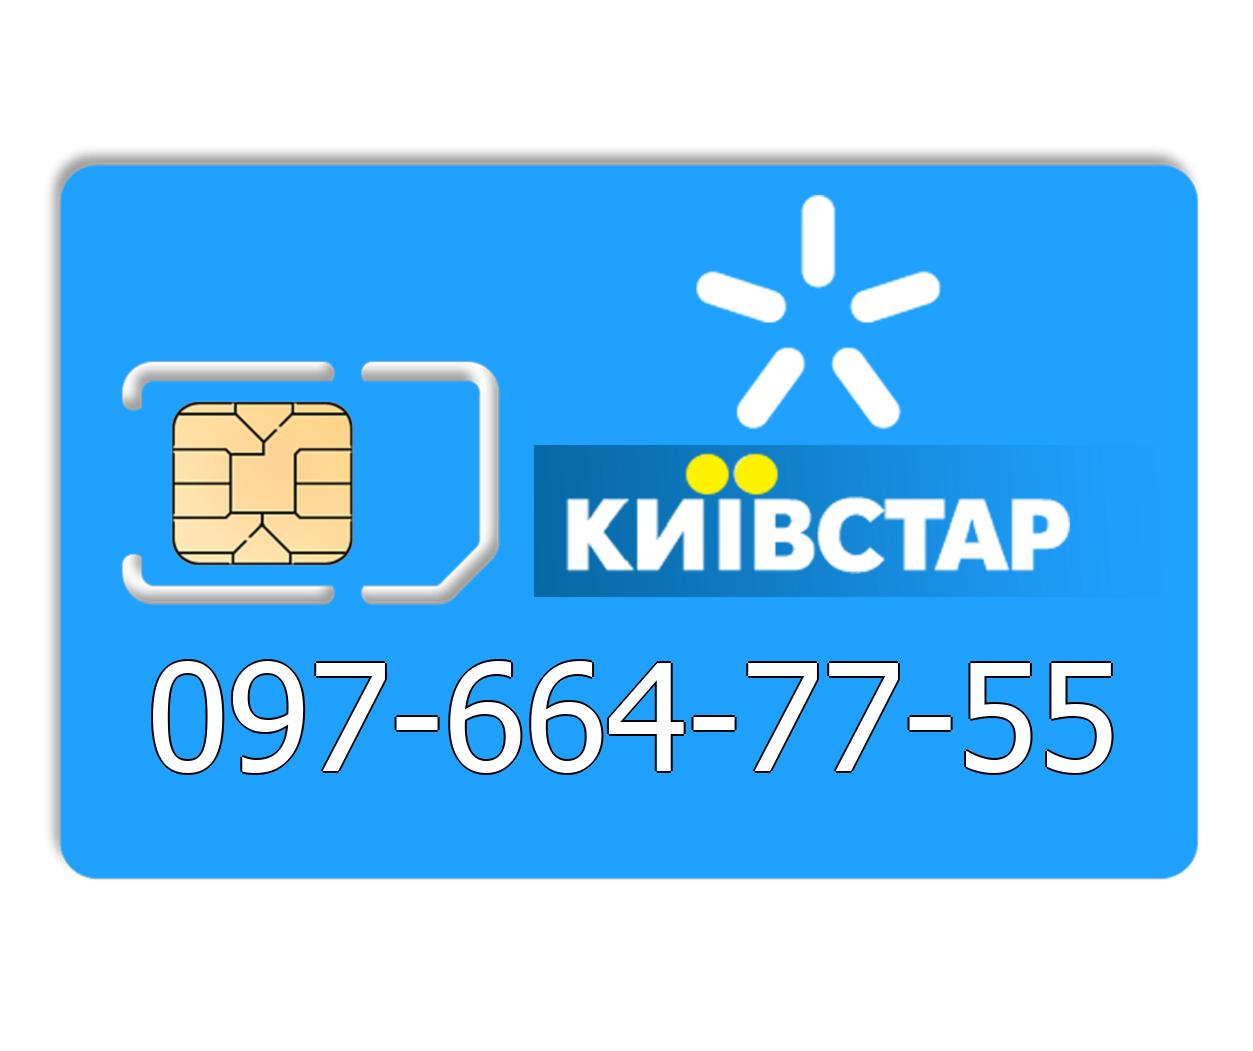 Красивый номер Киевстар 097-664-77-55